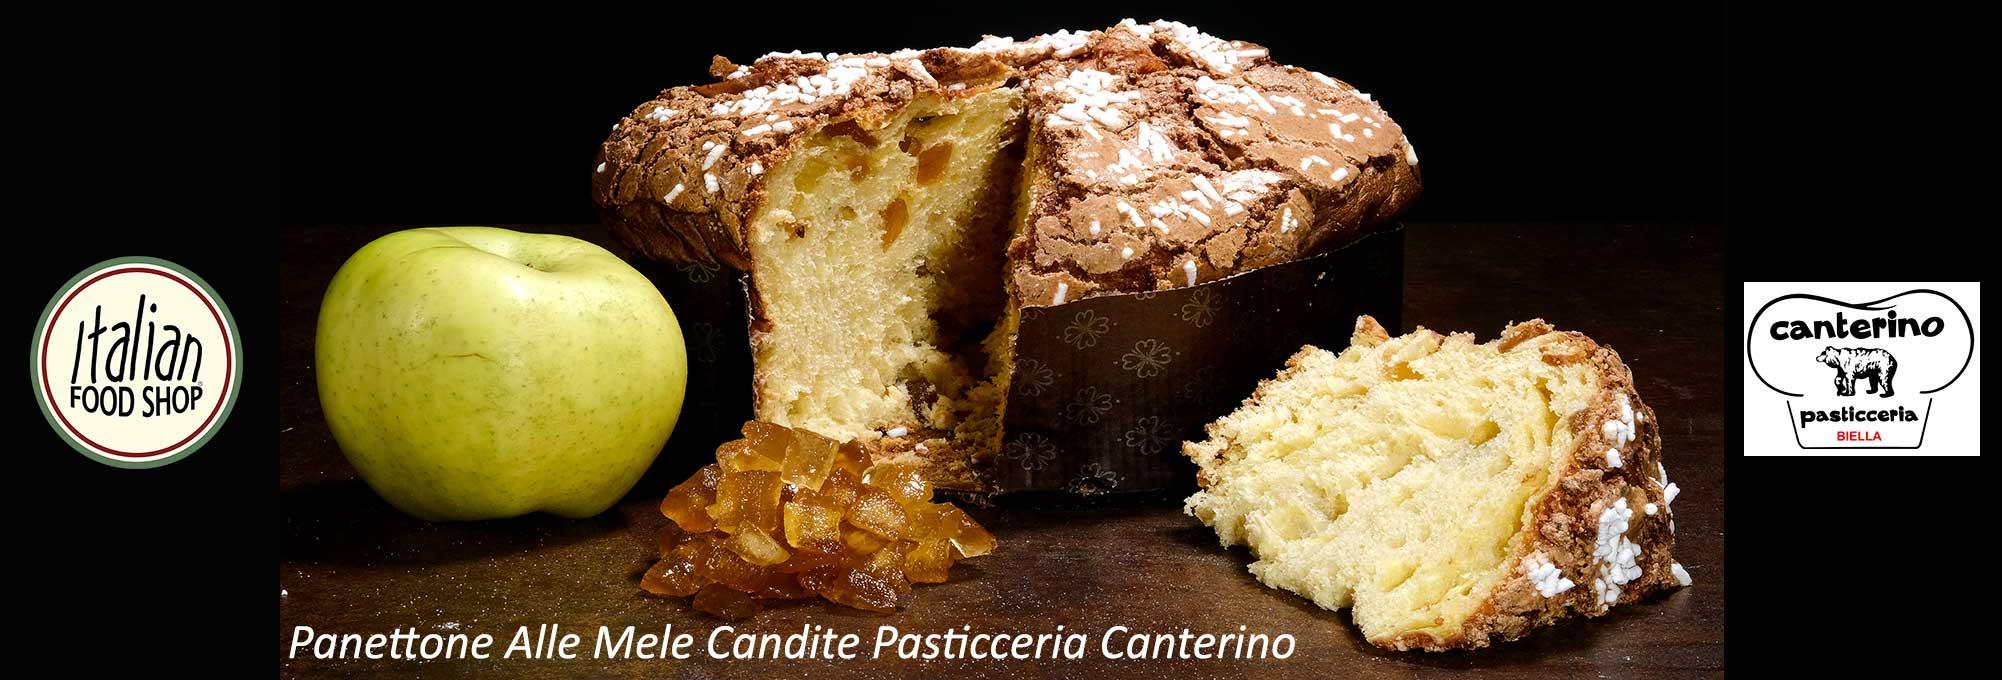 Panettone-alle-mele-candite